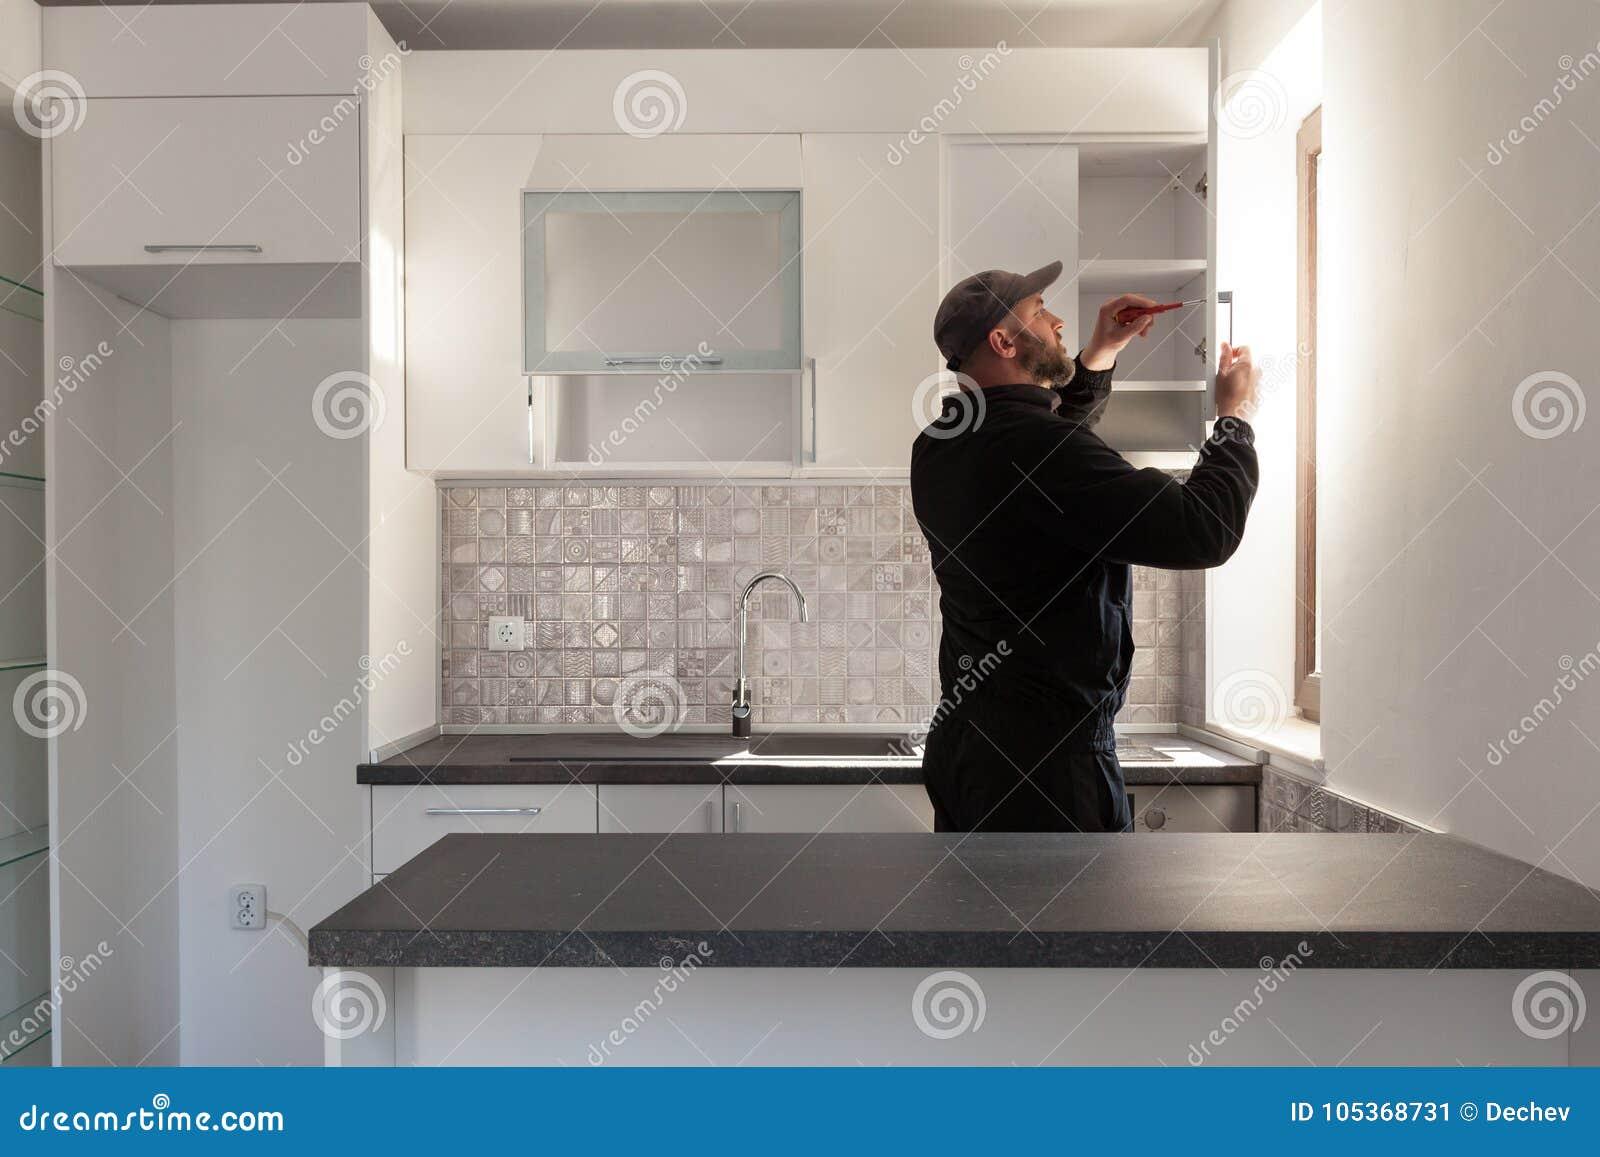 Cieśla pracuje na nowej kuchni Złota rączka załatwia drzwi w kuchni